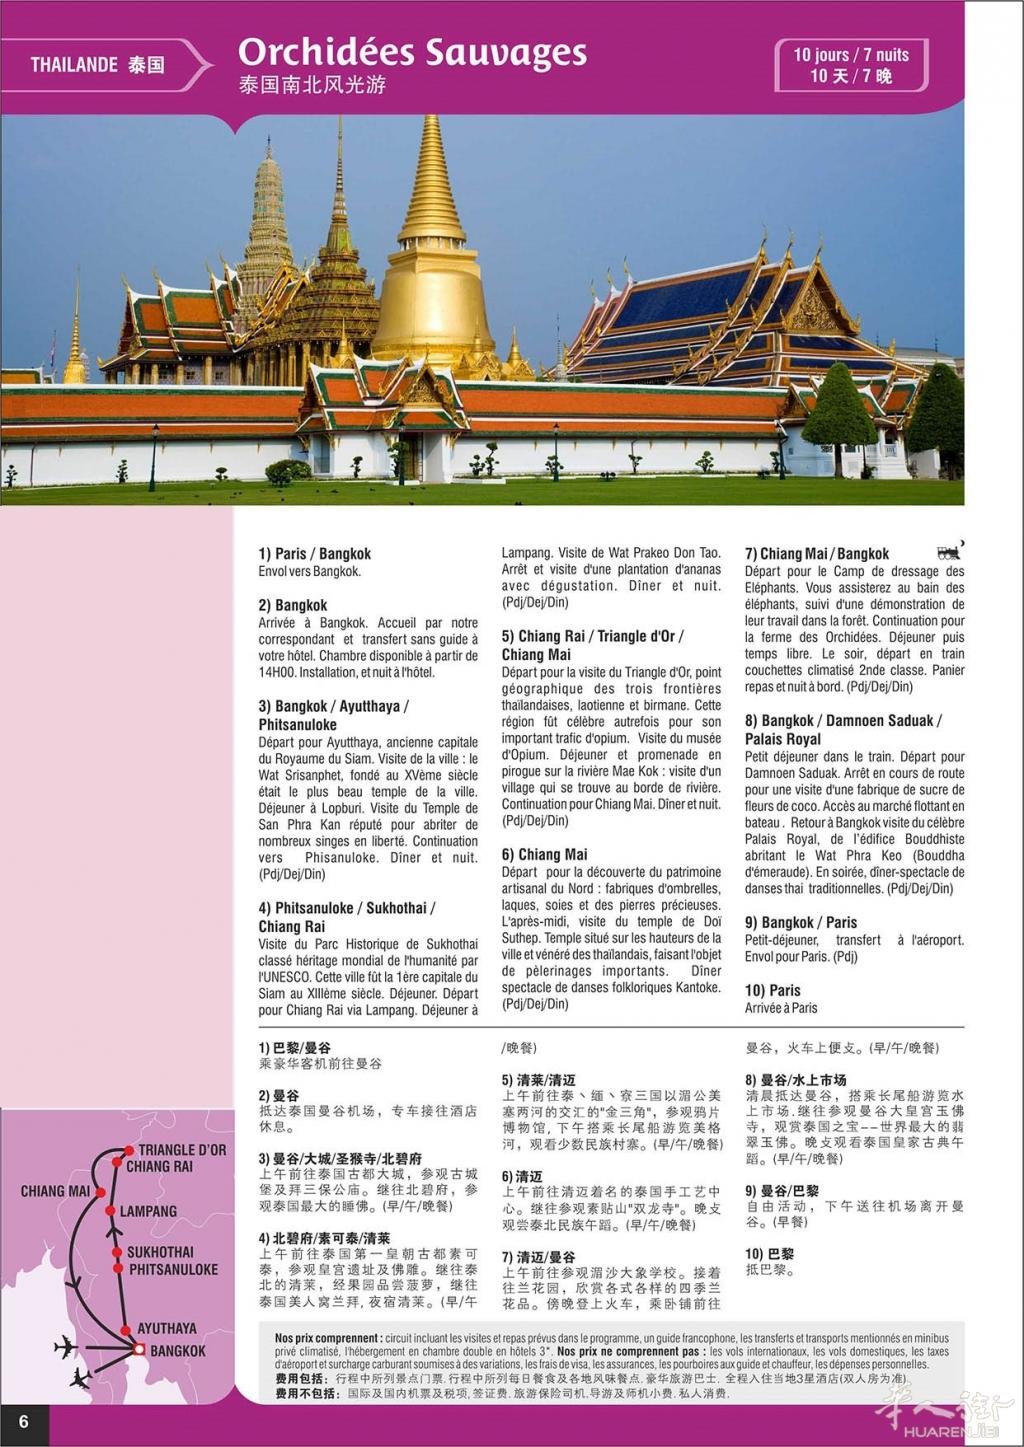 p06-Thailande Orchidées Sauvages-v09.jpg